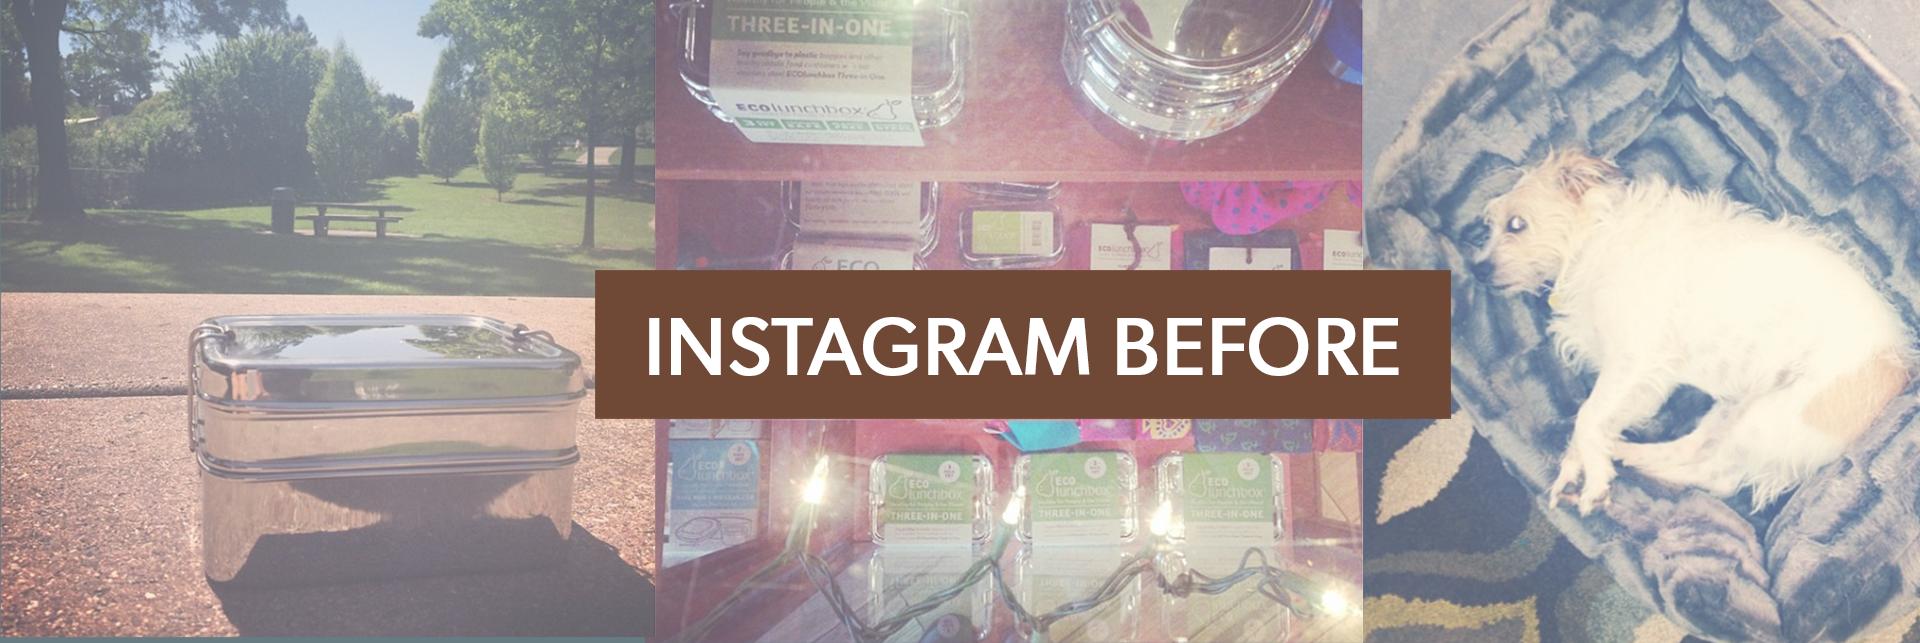 ecolunchbox_instagram_before